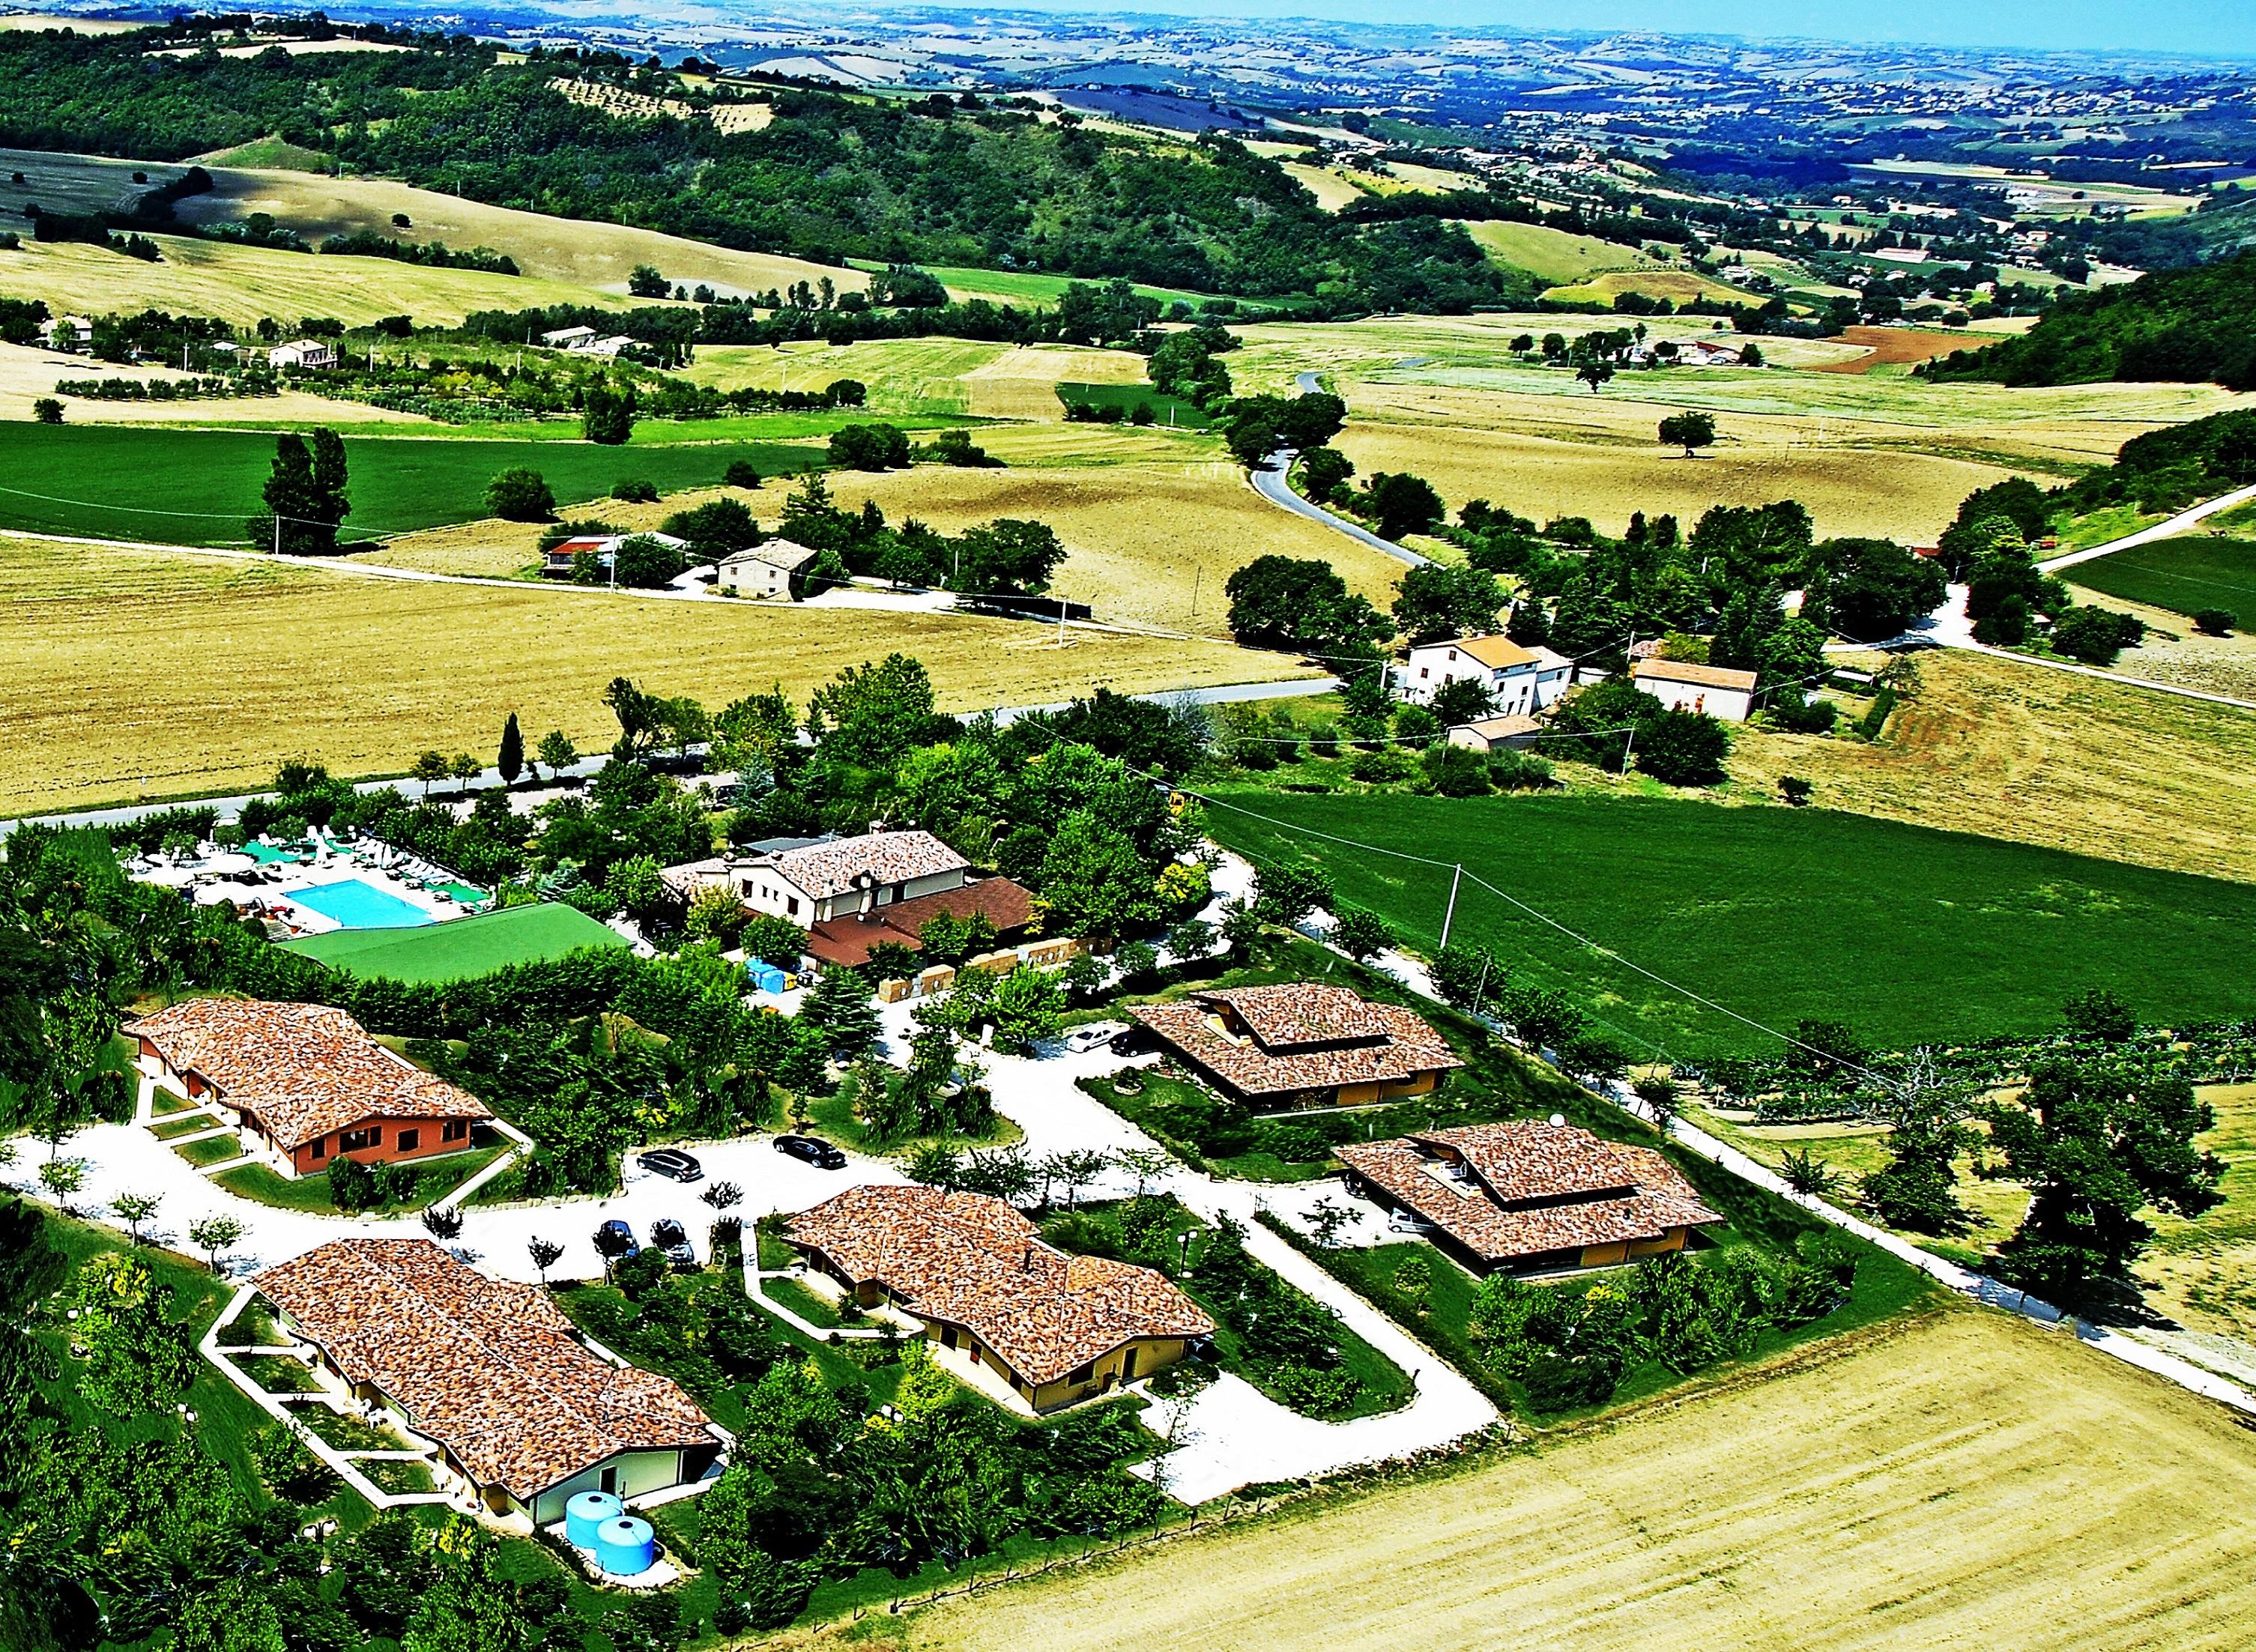 hotel ankon ancona italia - photo#25